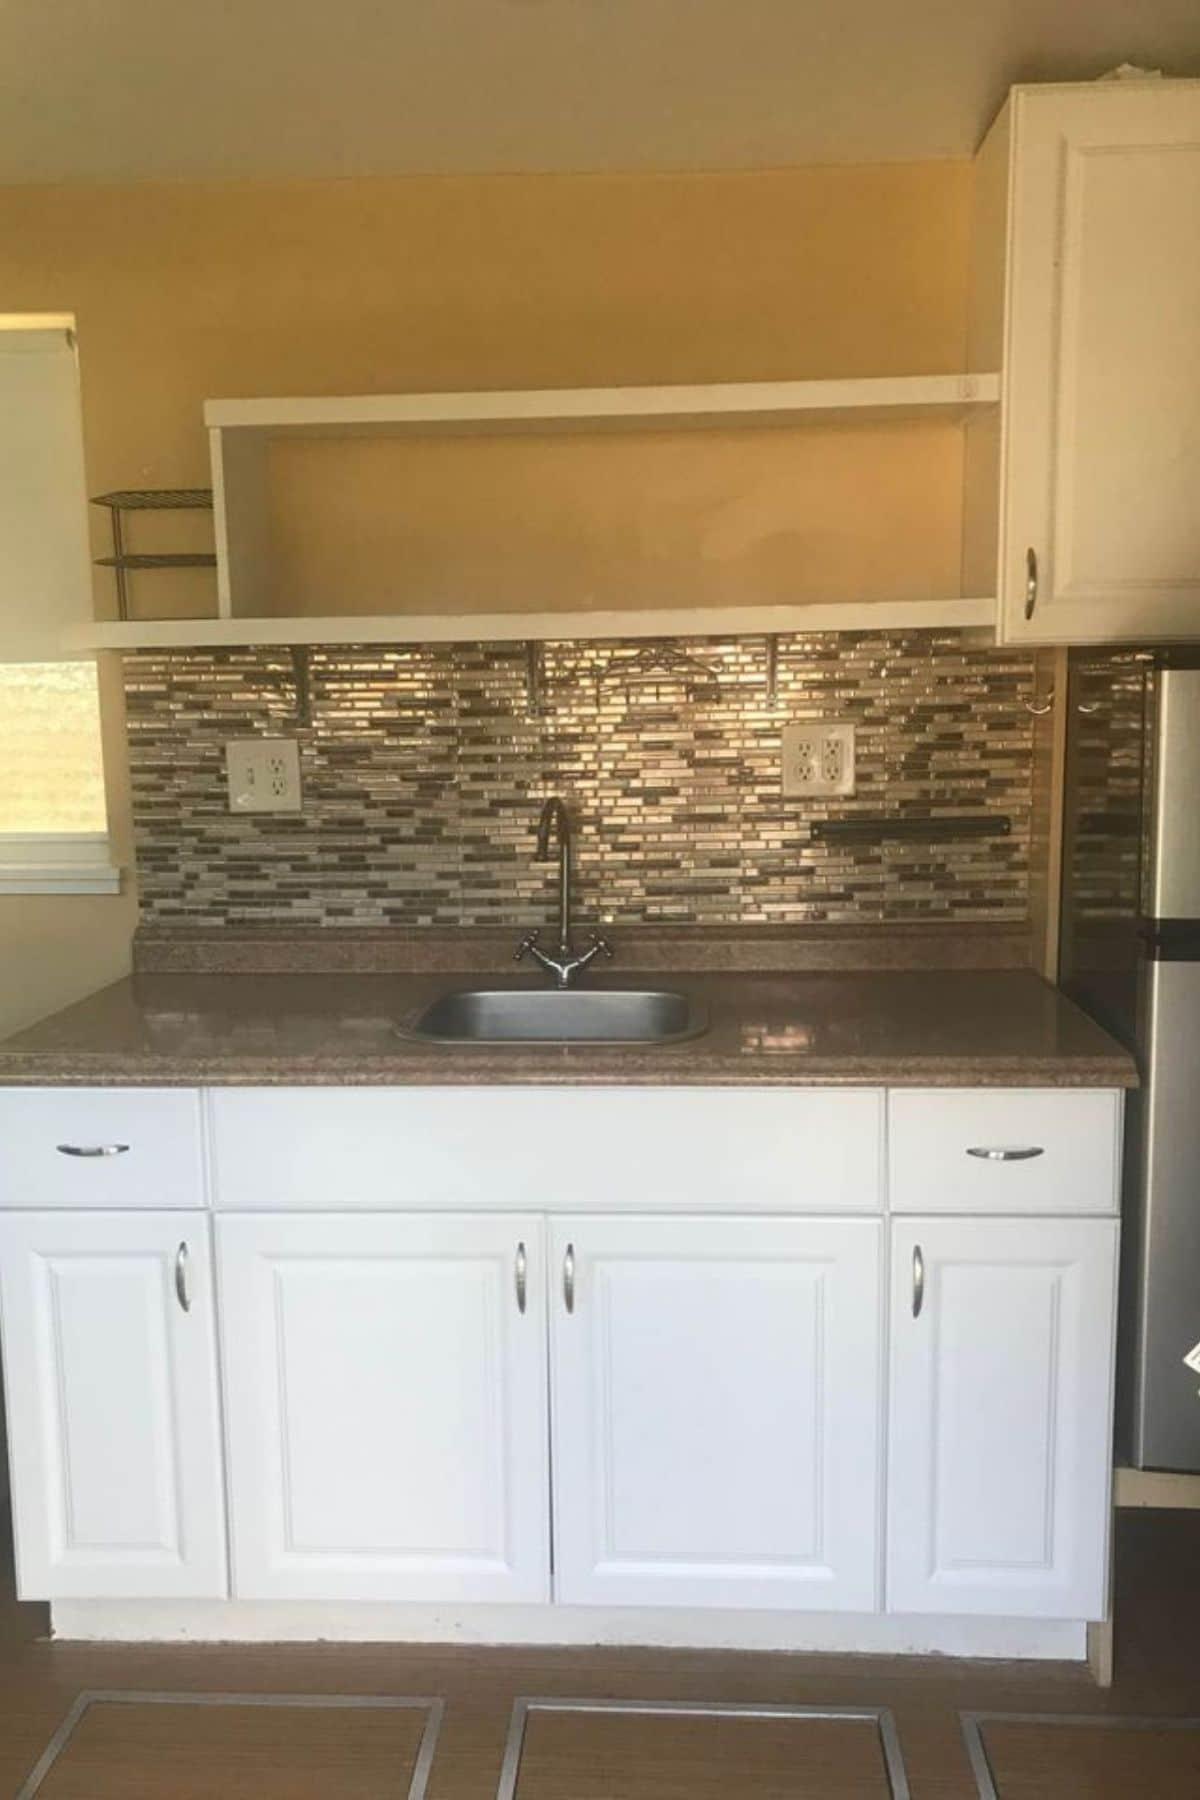 White kitchen cabinets under multi colored tile backsplash